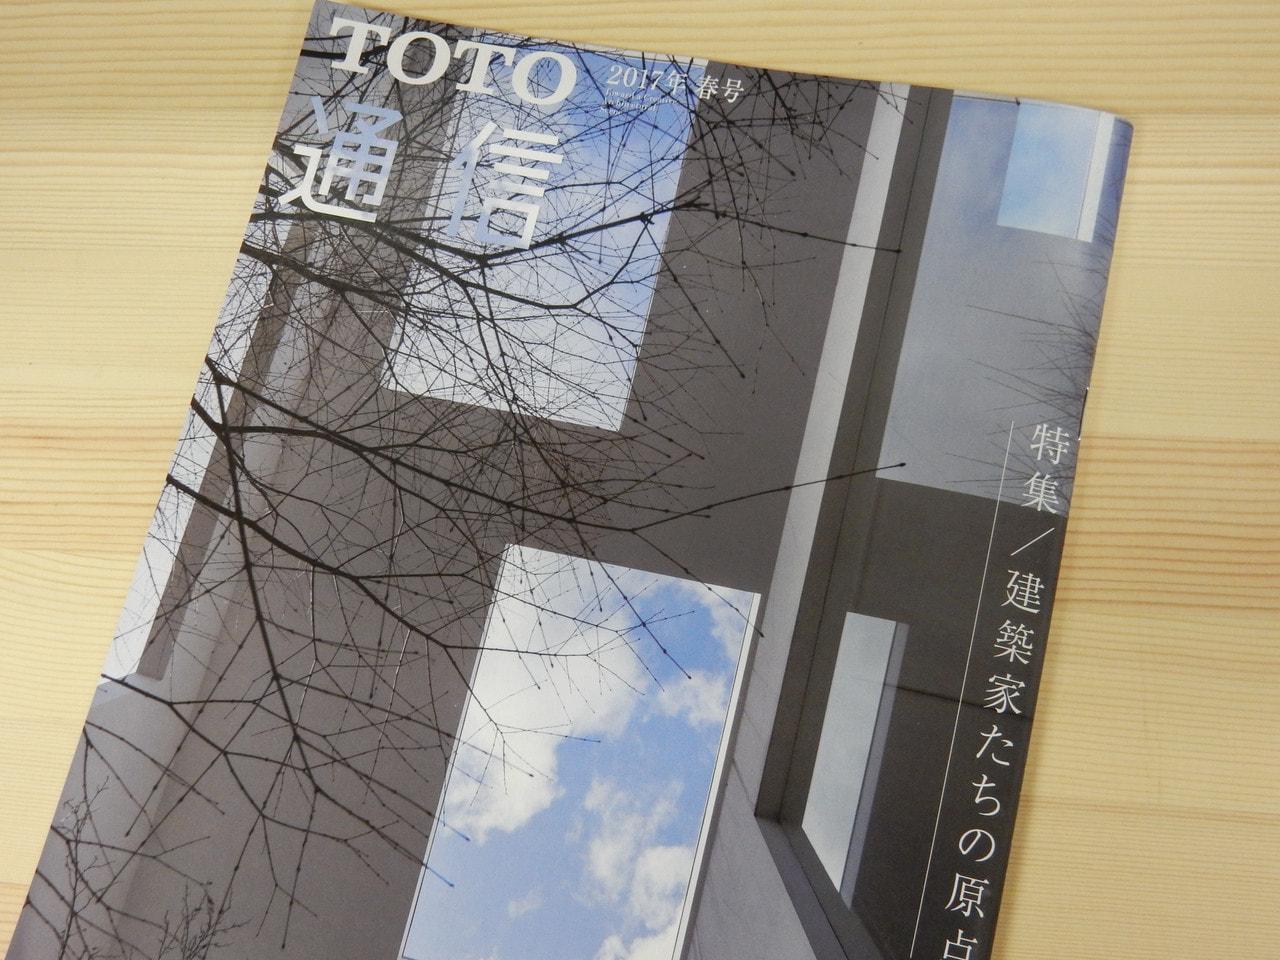 竹原先生の記事がTOTO通信2017年春号に掲載